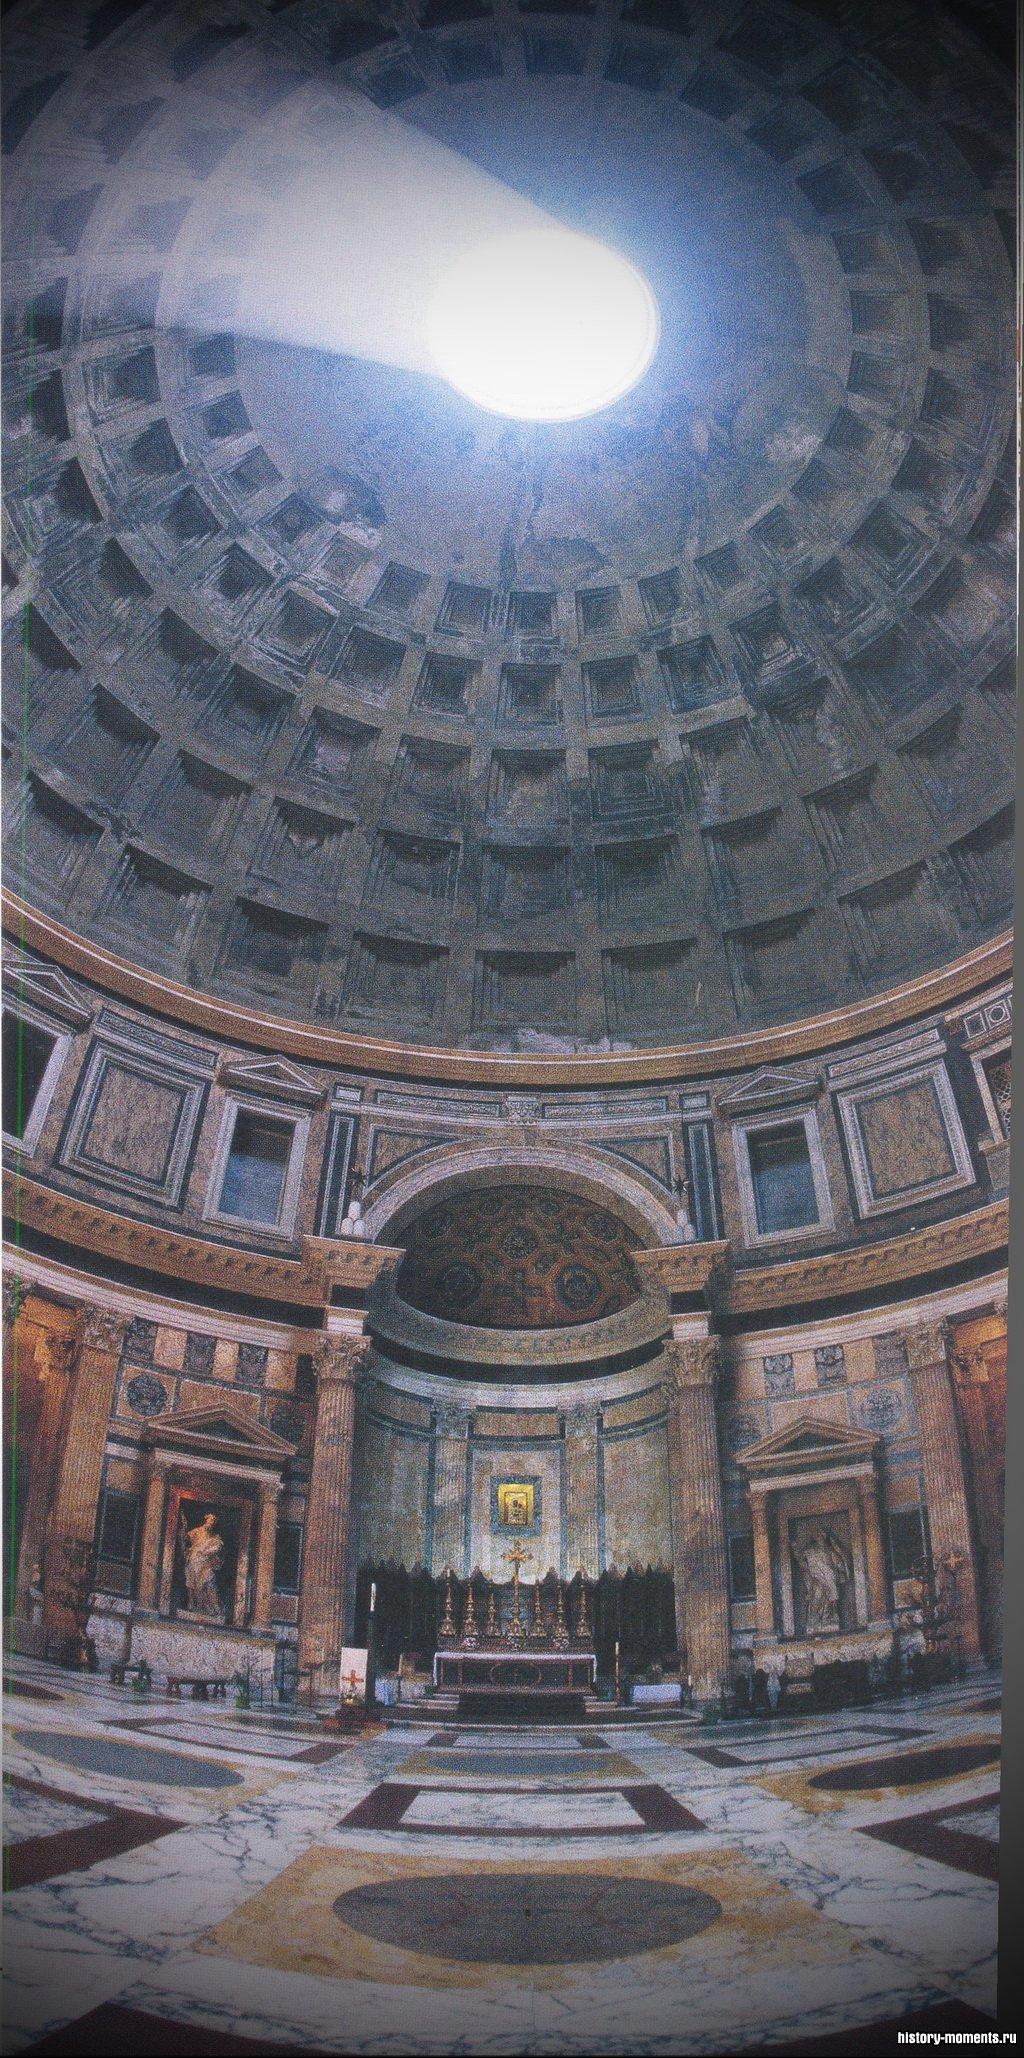 Пантеон в Риме - величественный храм, посвященный всем богам сразу. Его огромный купол диаметром 43 м был самым большим куполом Древнего мира.